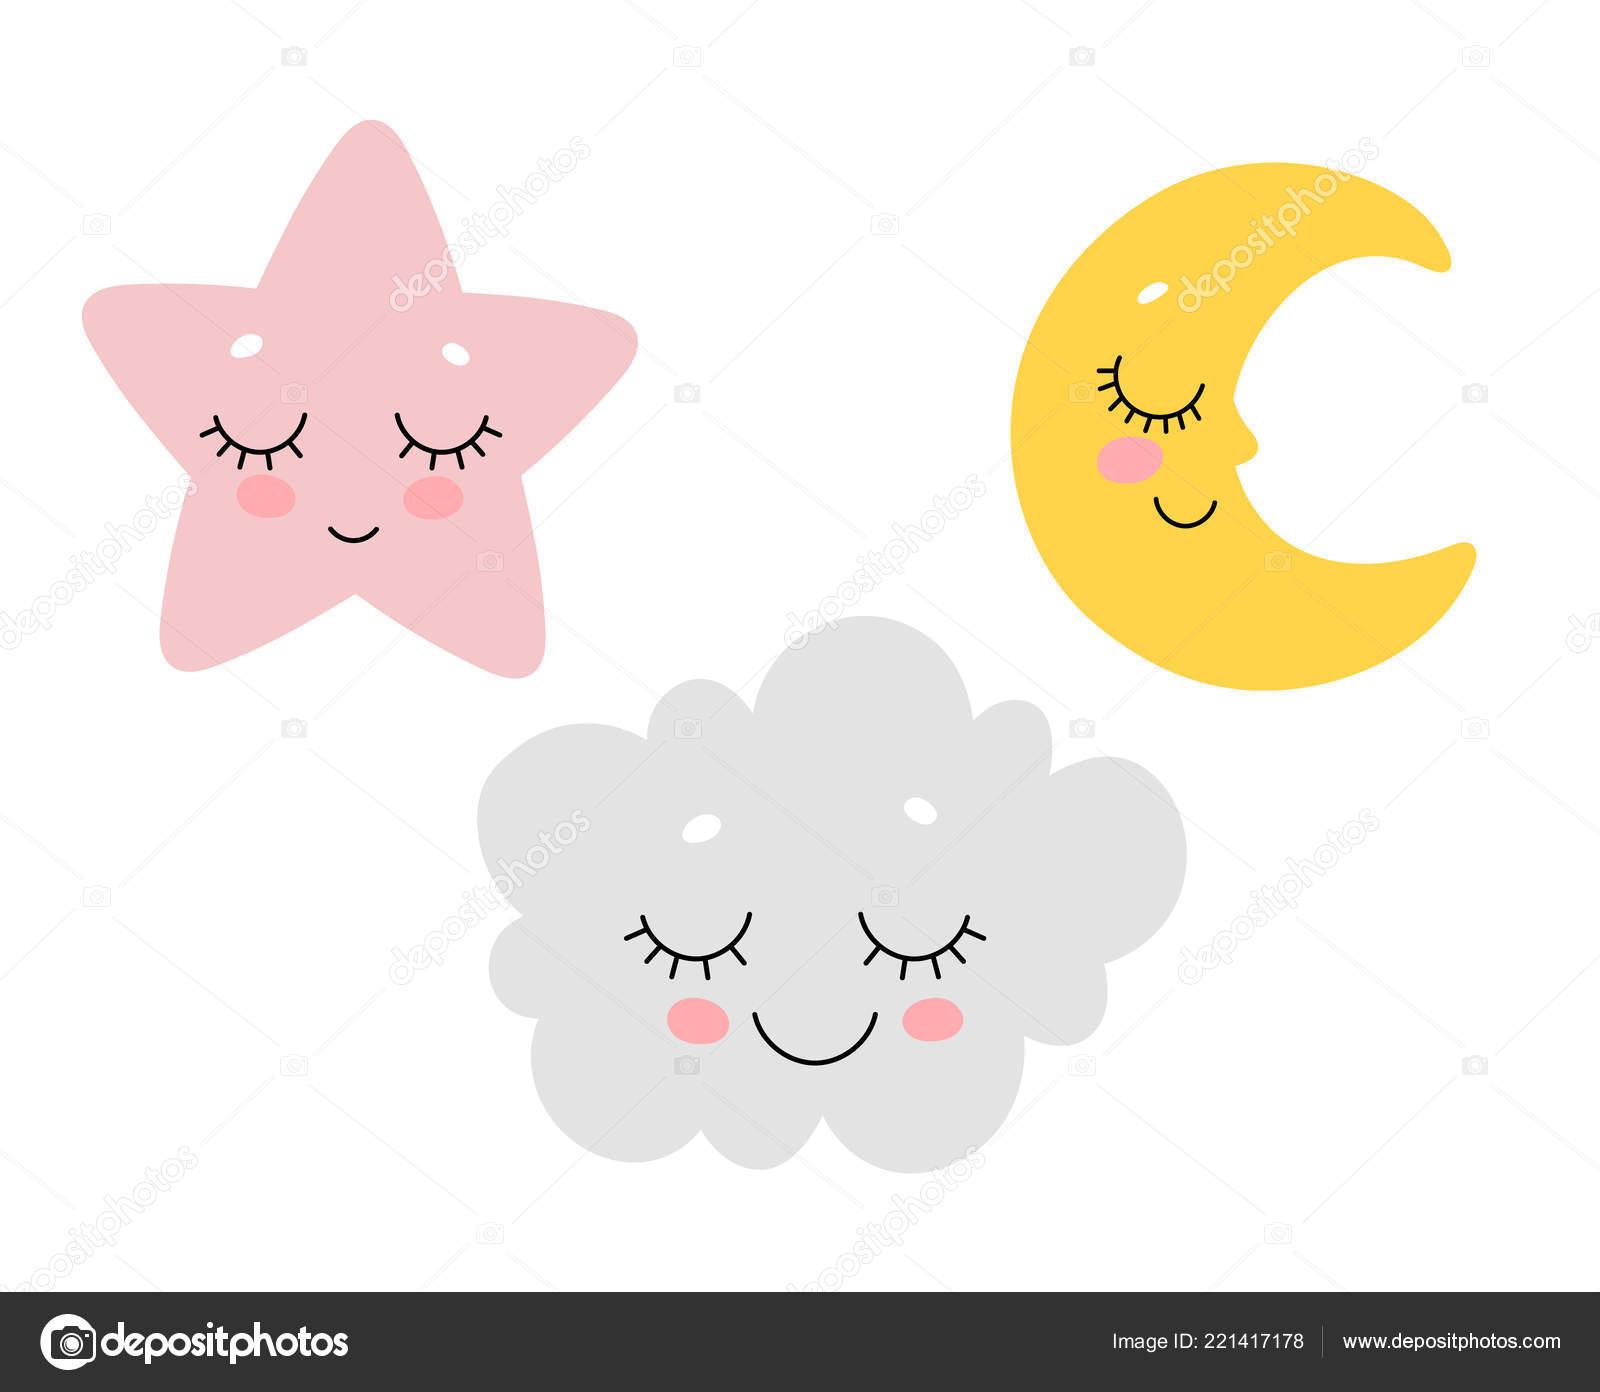 Imprimir Berçário Bonito Dormir Nuvem Lua Estrela Projeto Vetores